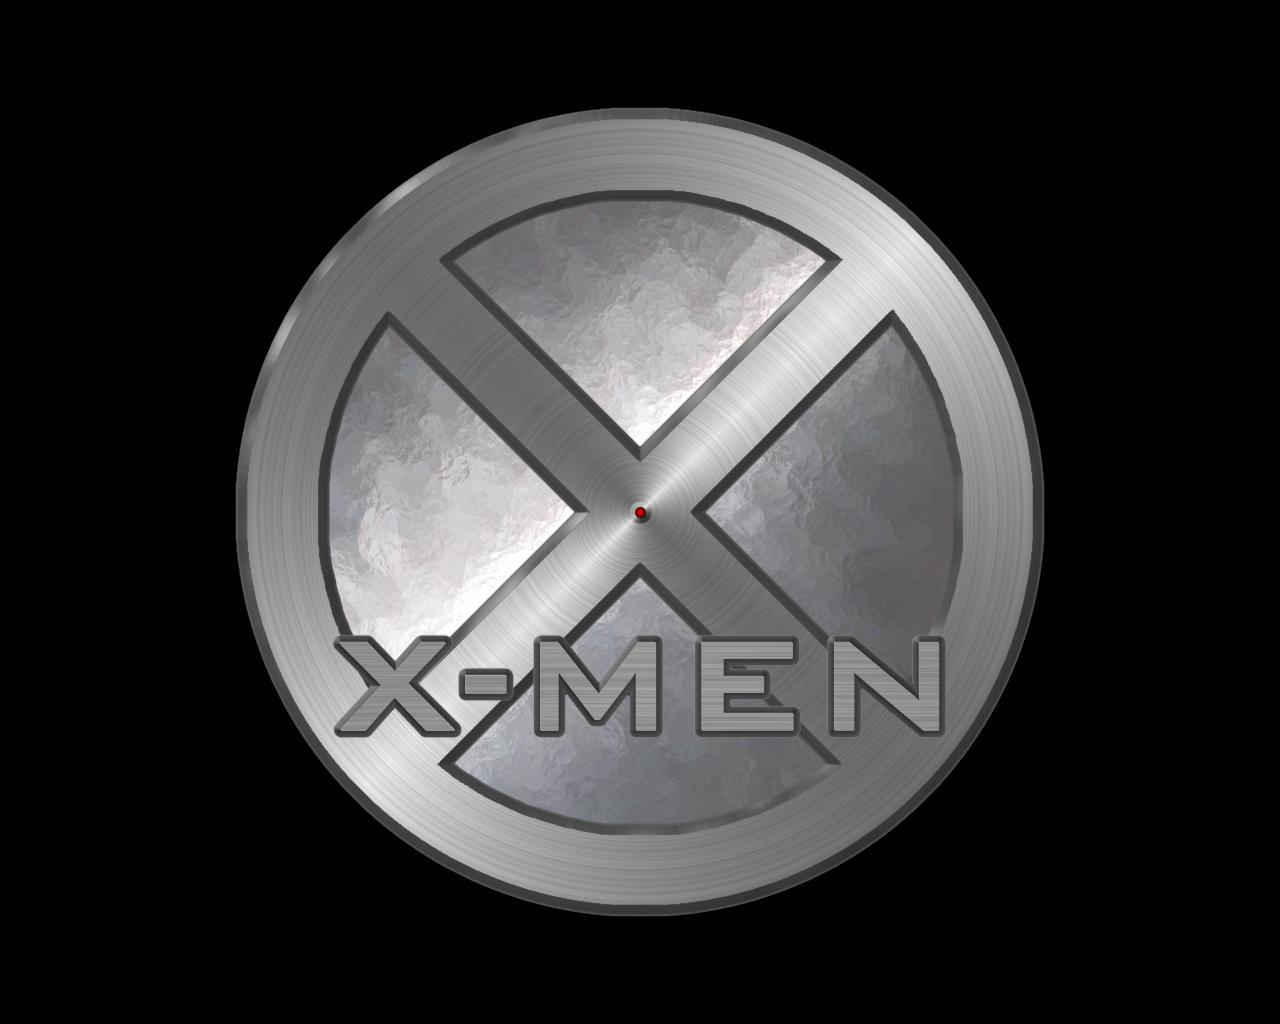 x men symbol wallpaper - photo #10